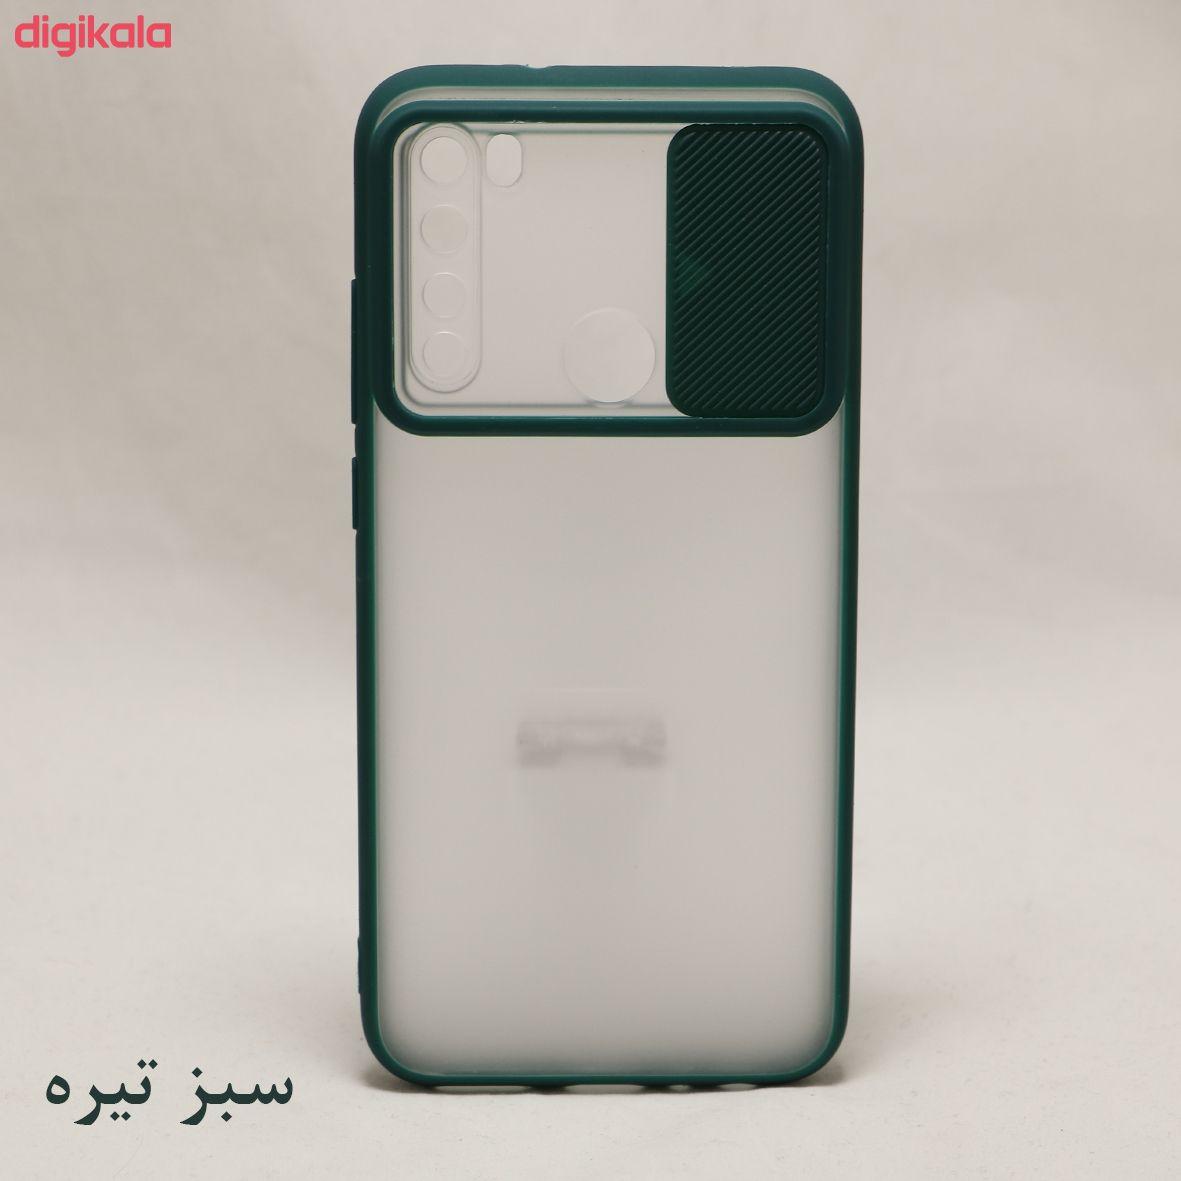 کاور مدل LNZ01 مناسب برای گوشی موبایل شیائومی Redmi Note 8 main 1 1